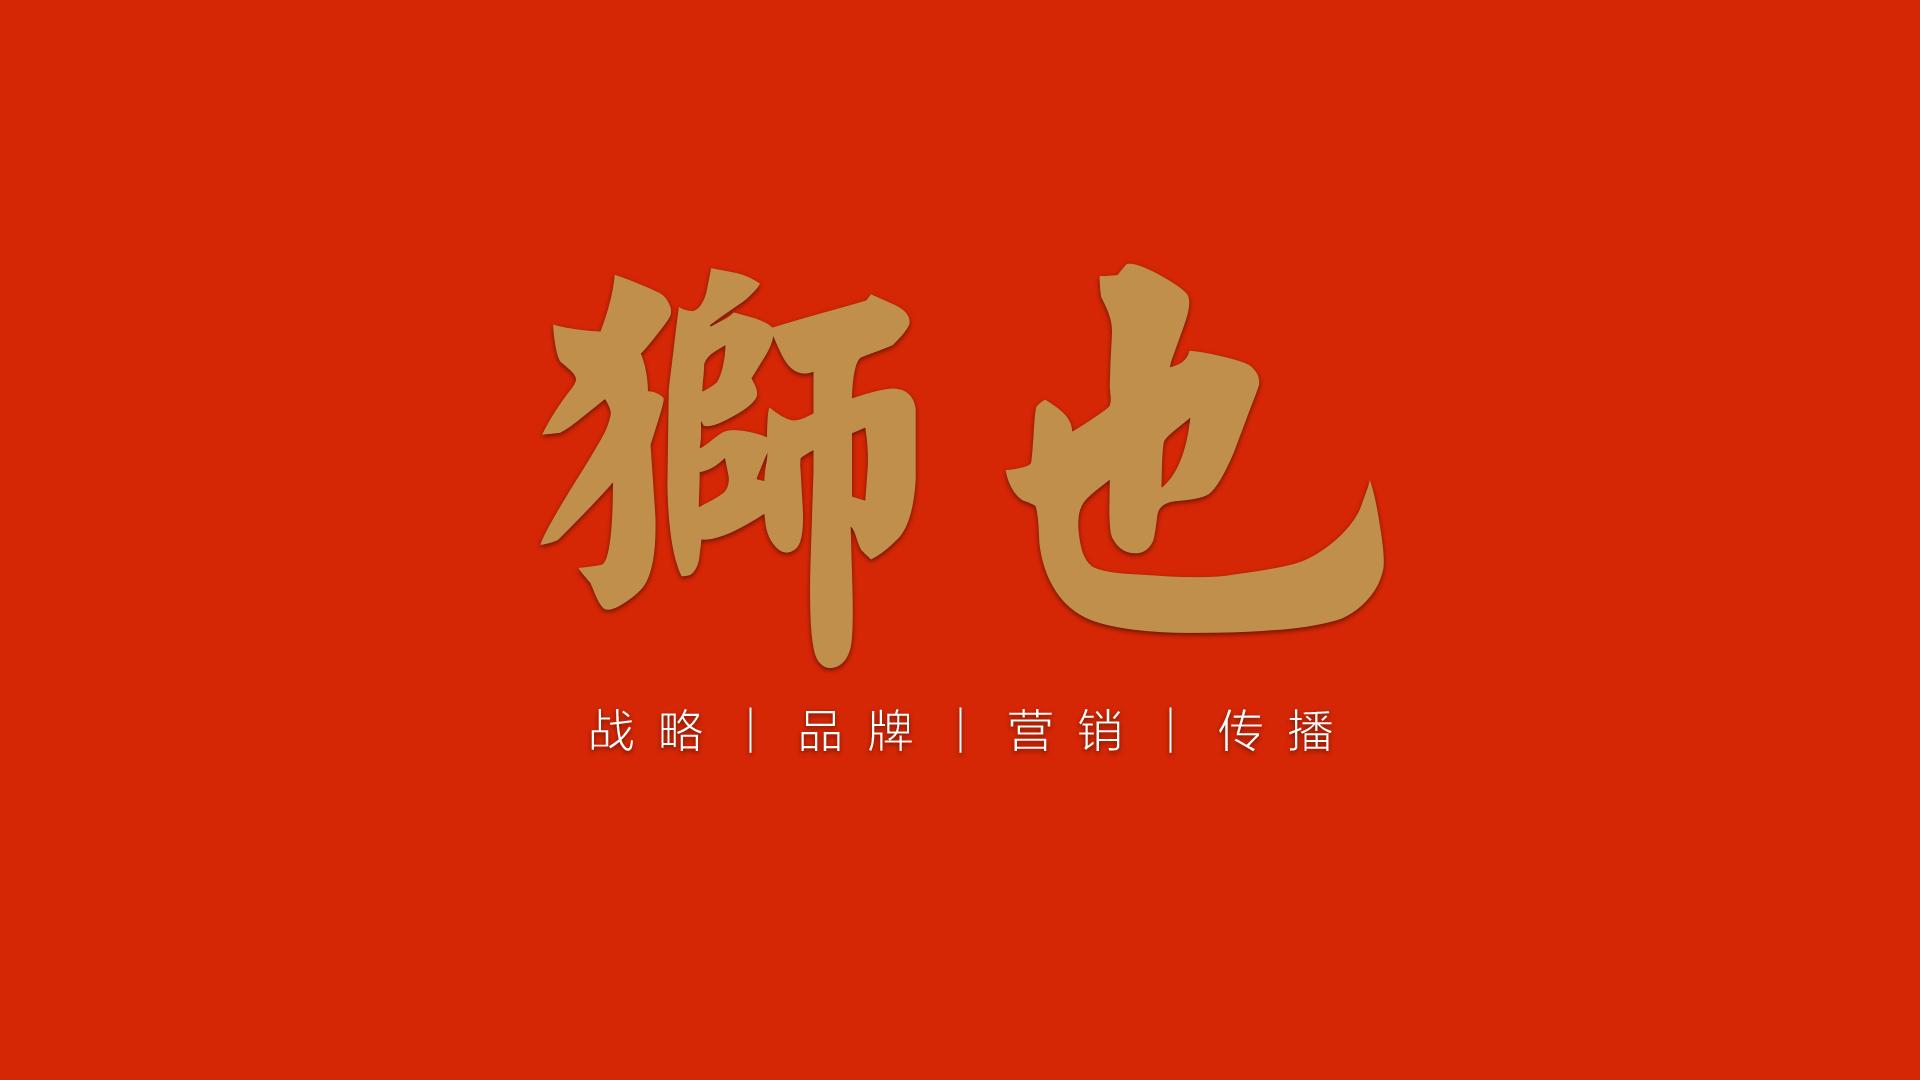 上海营销策划公司—法拉第FF91首辆预量产车下线 贾跃亭内部邮件激动